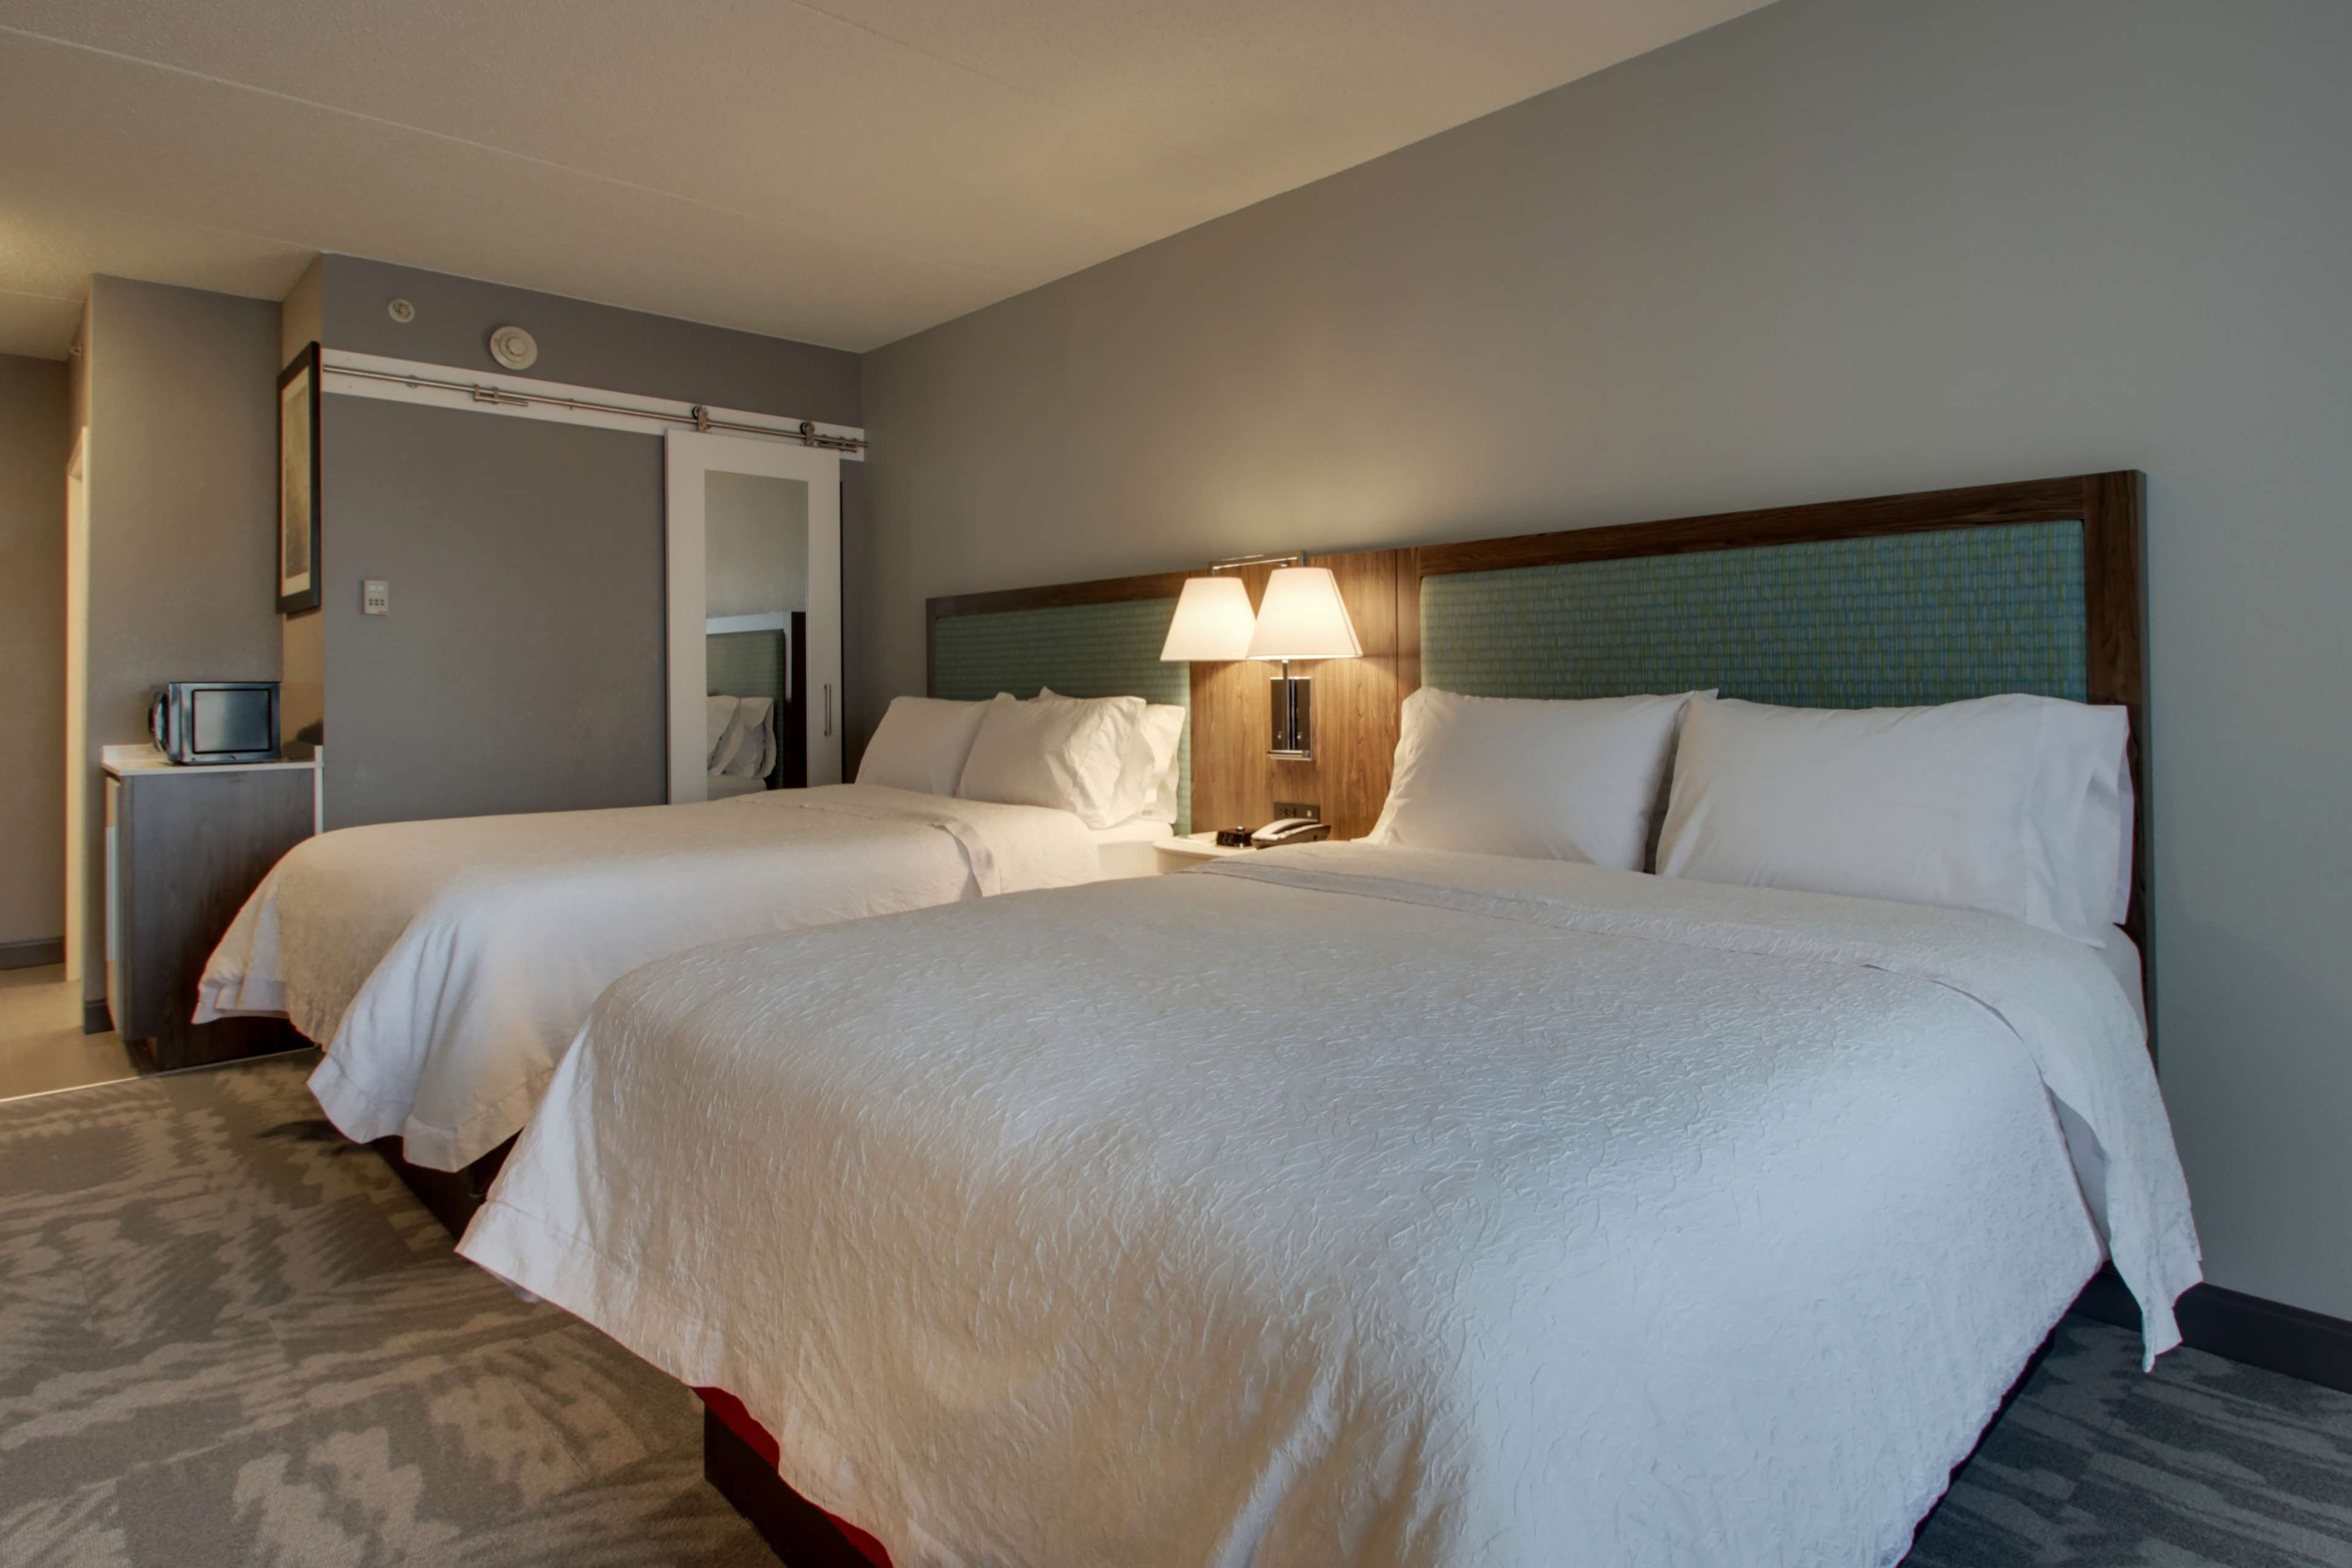 Hampton Inn & Suites Chicago/Aurora image 29